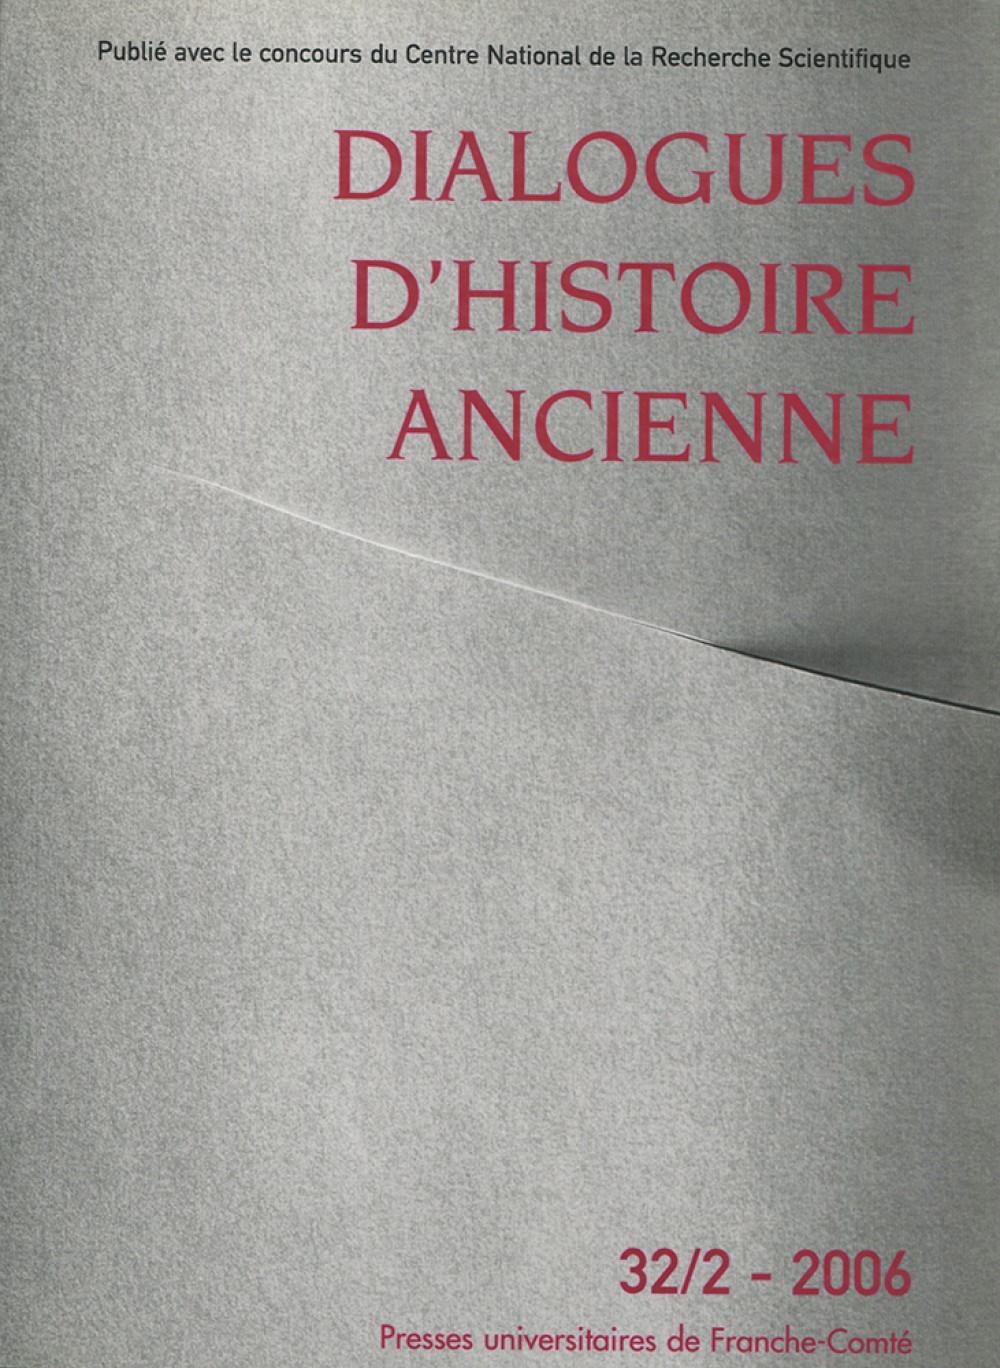 Dialogues d'Histoire Ancienne 32/2